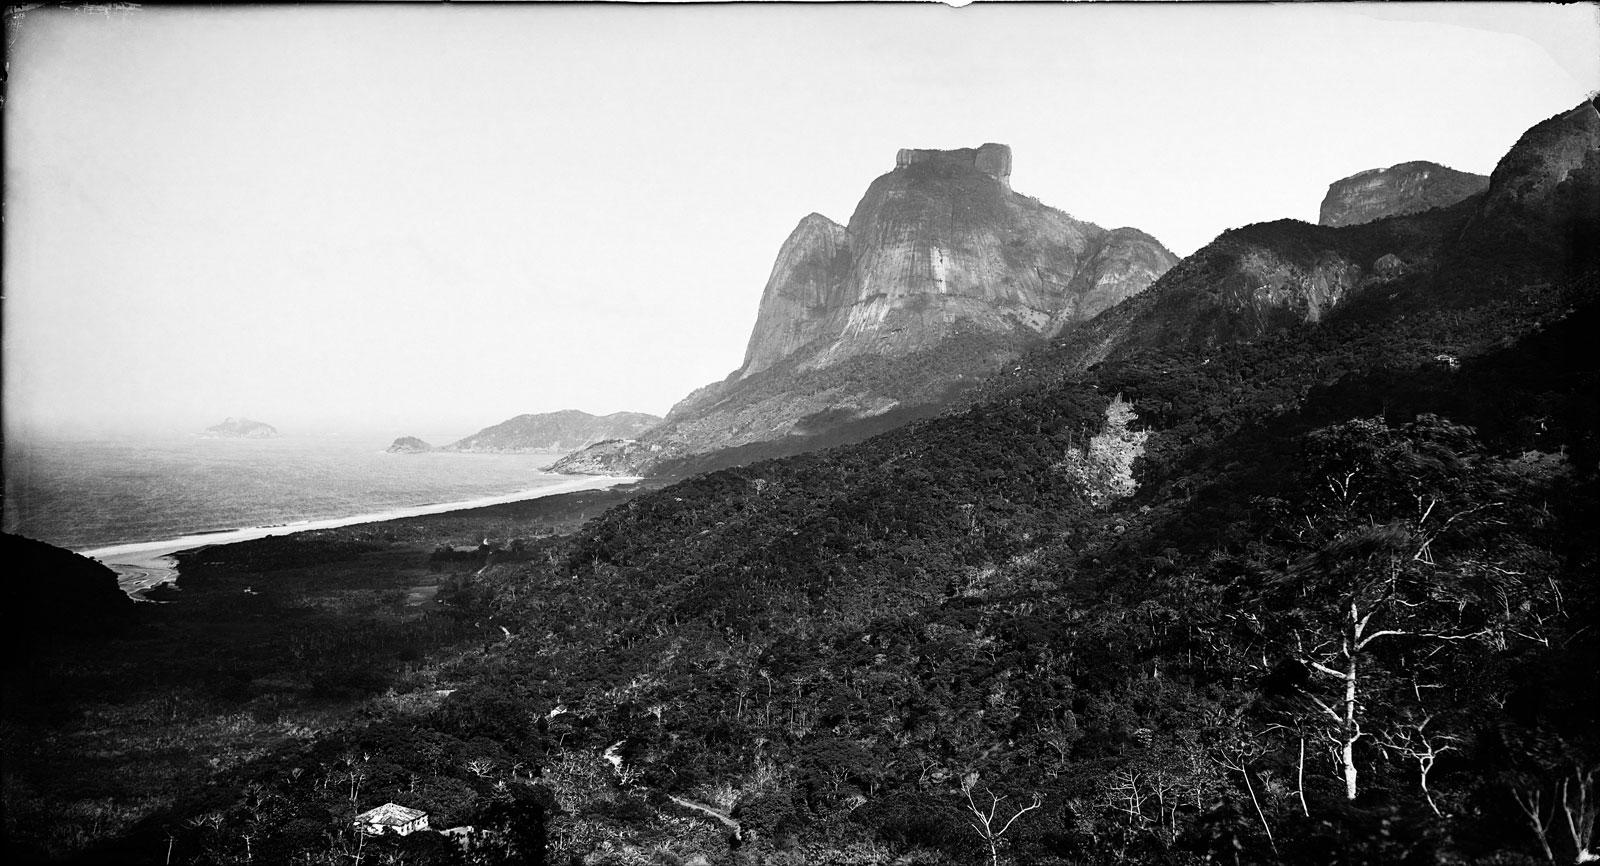 Pedra de Gávea Mountain and São Conrado Beach, circa 1890